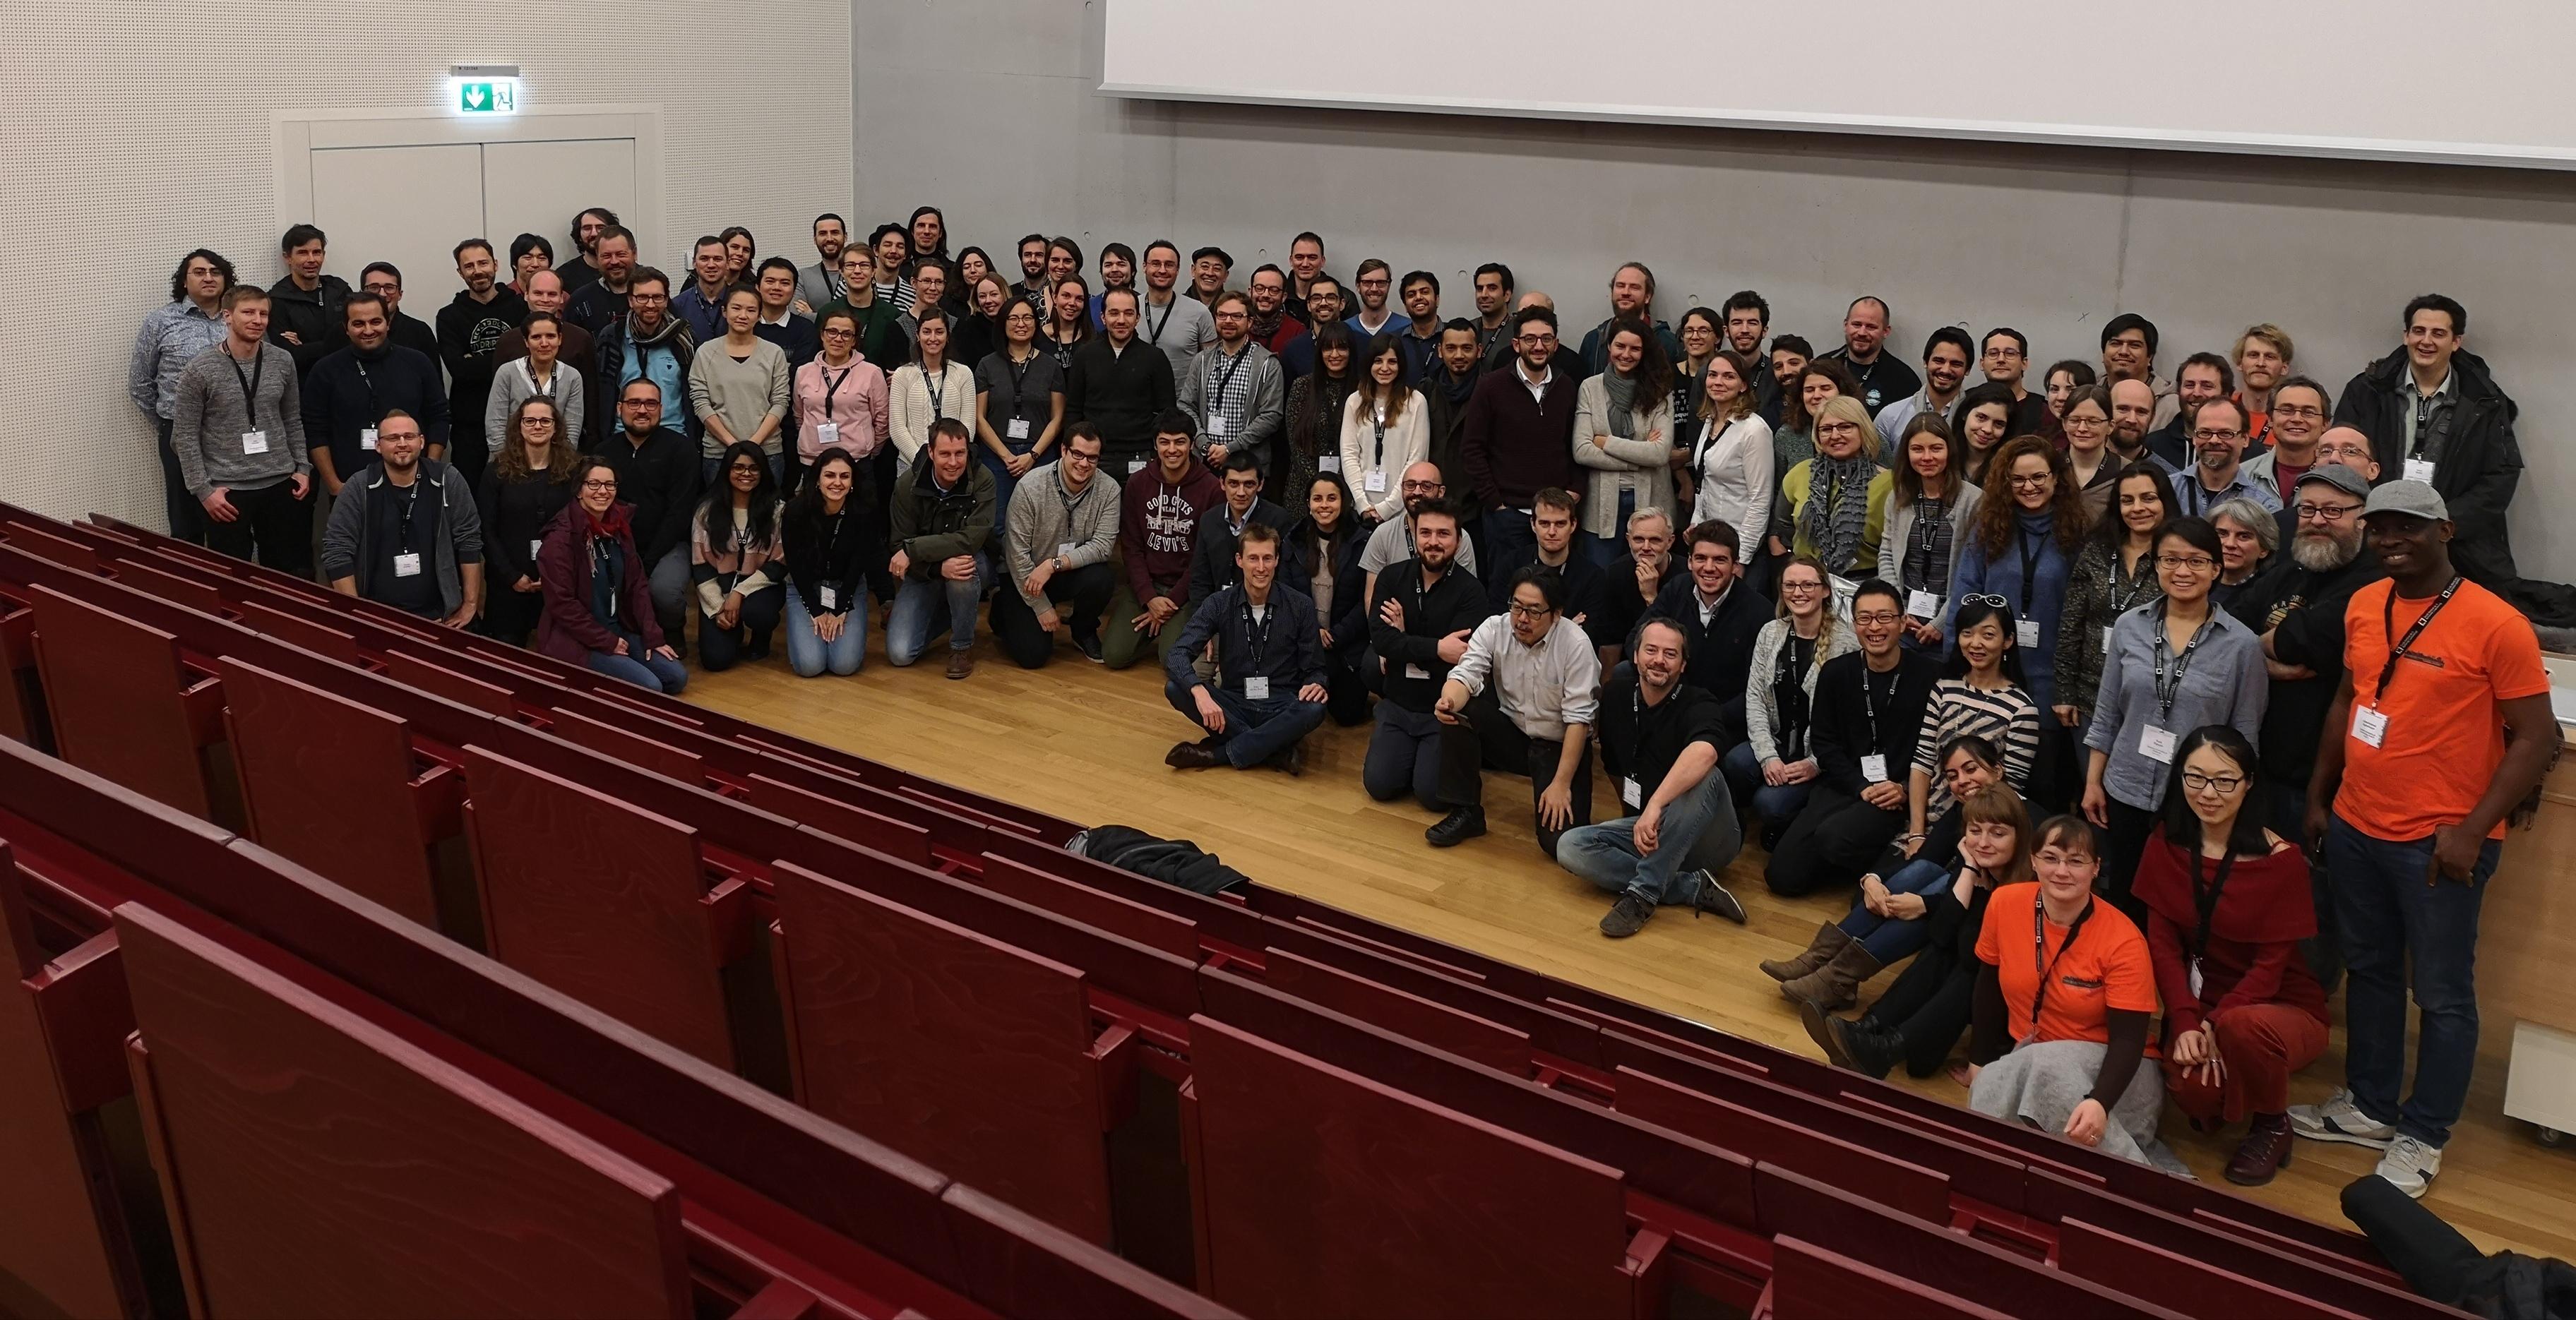 TS10 Luxembourg 2019 - NEUBIAS: Network of BioImage Analysts